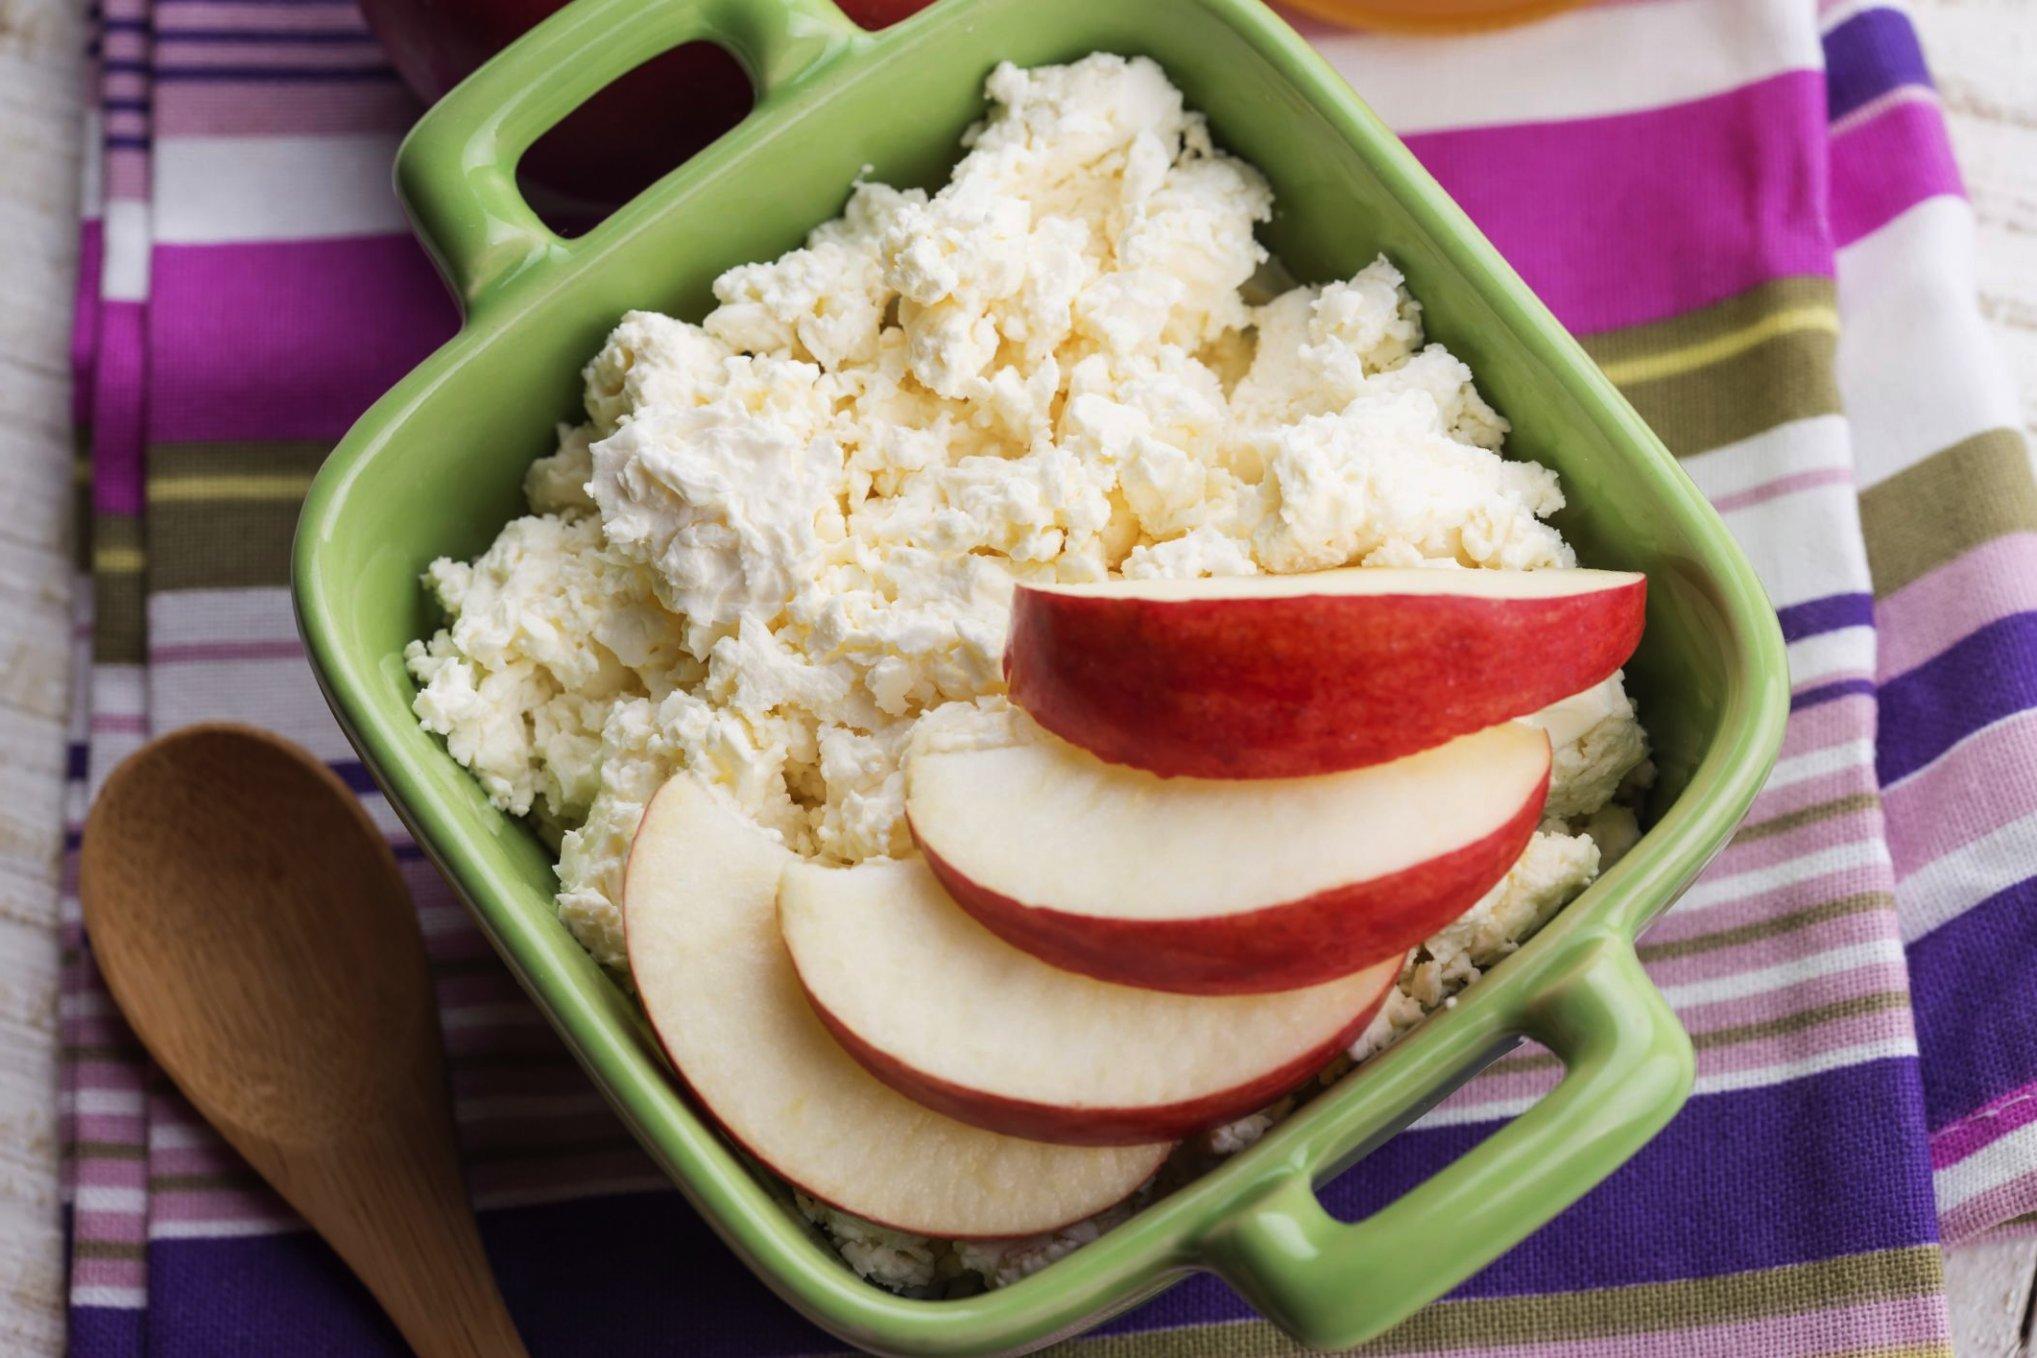 Ужин Для Похудения Творог. С чем можно есть творог на диете - что можно добавить в него и чем заправить